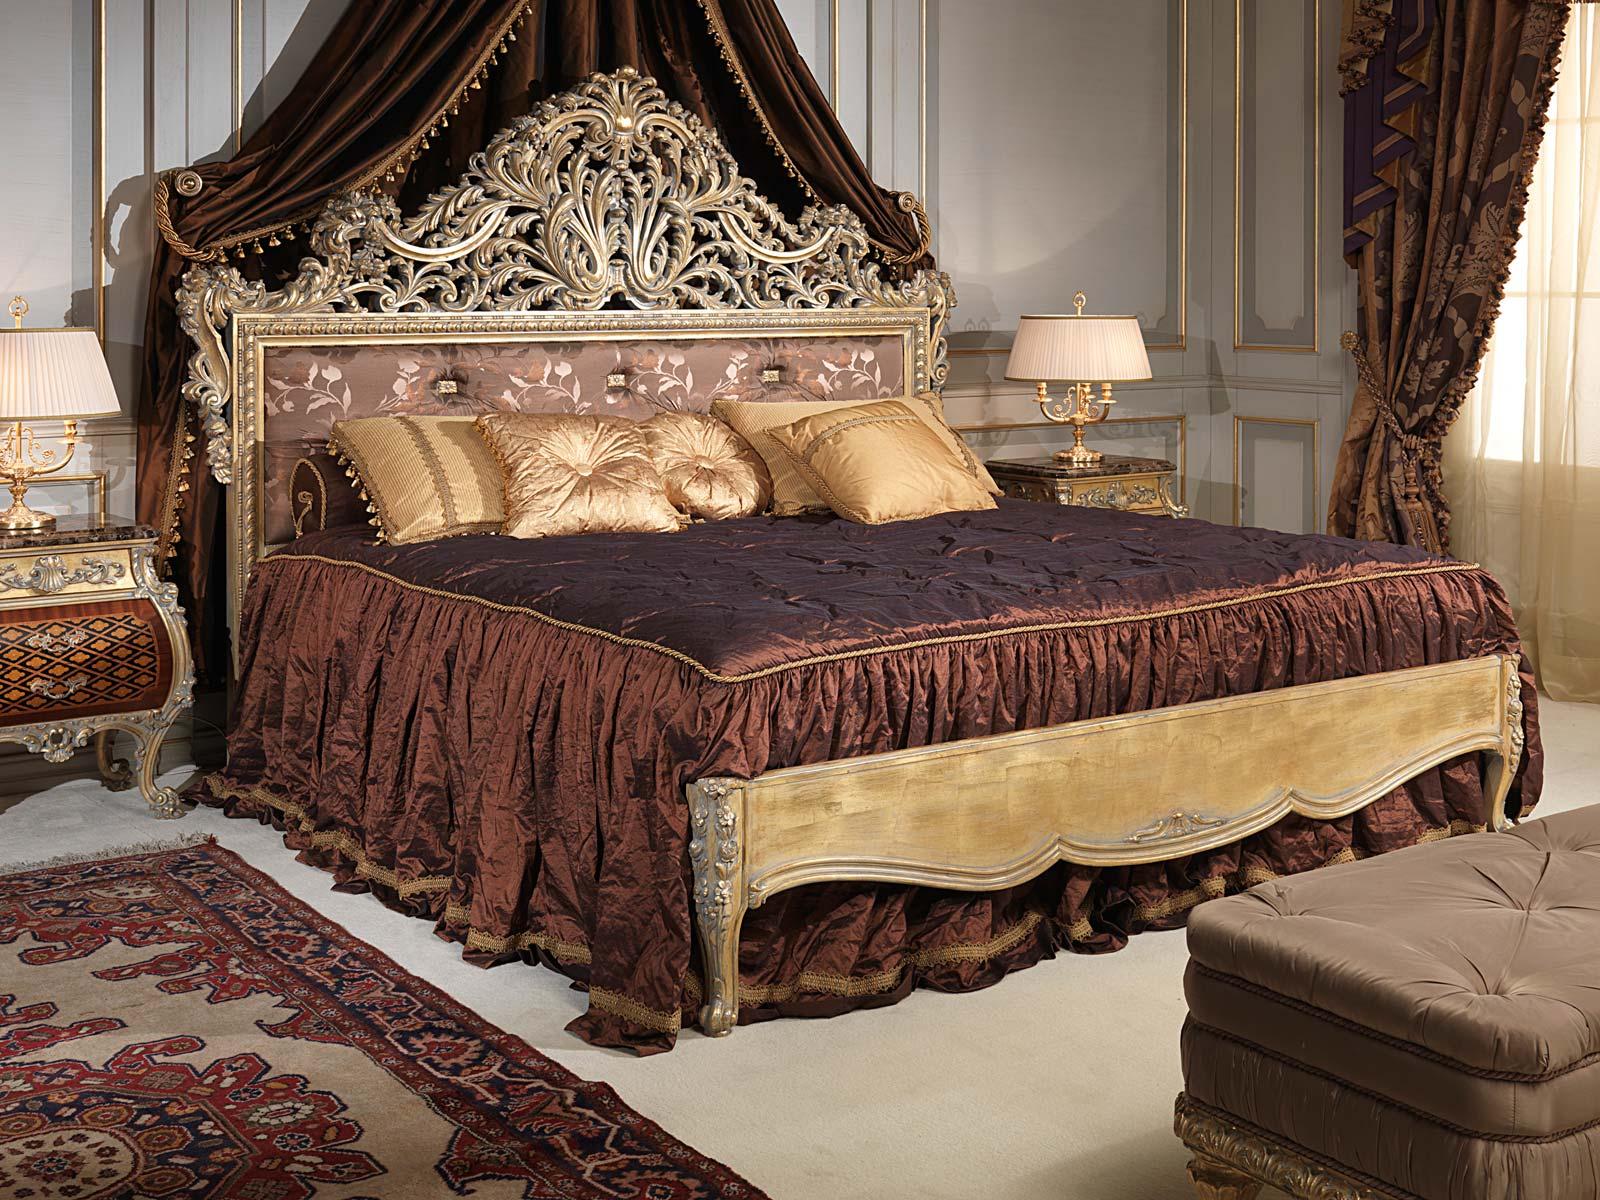 Camera da letto emperador gold stile luigi xv mobili - Mobili classici di lusso ...